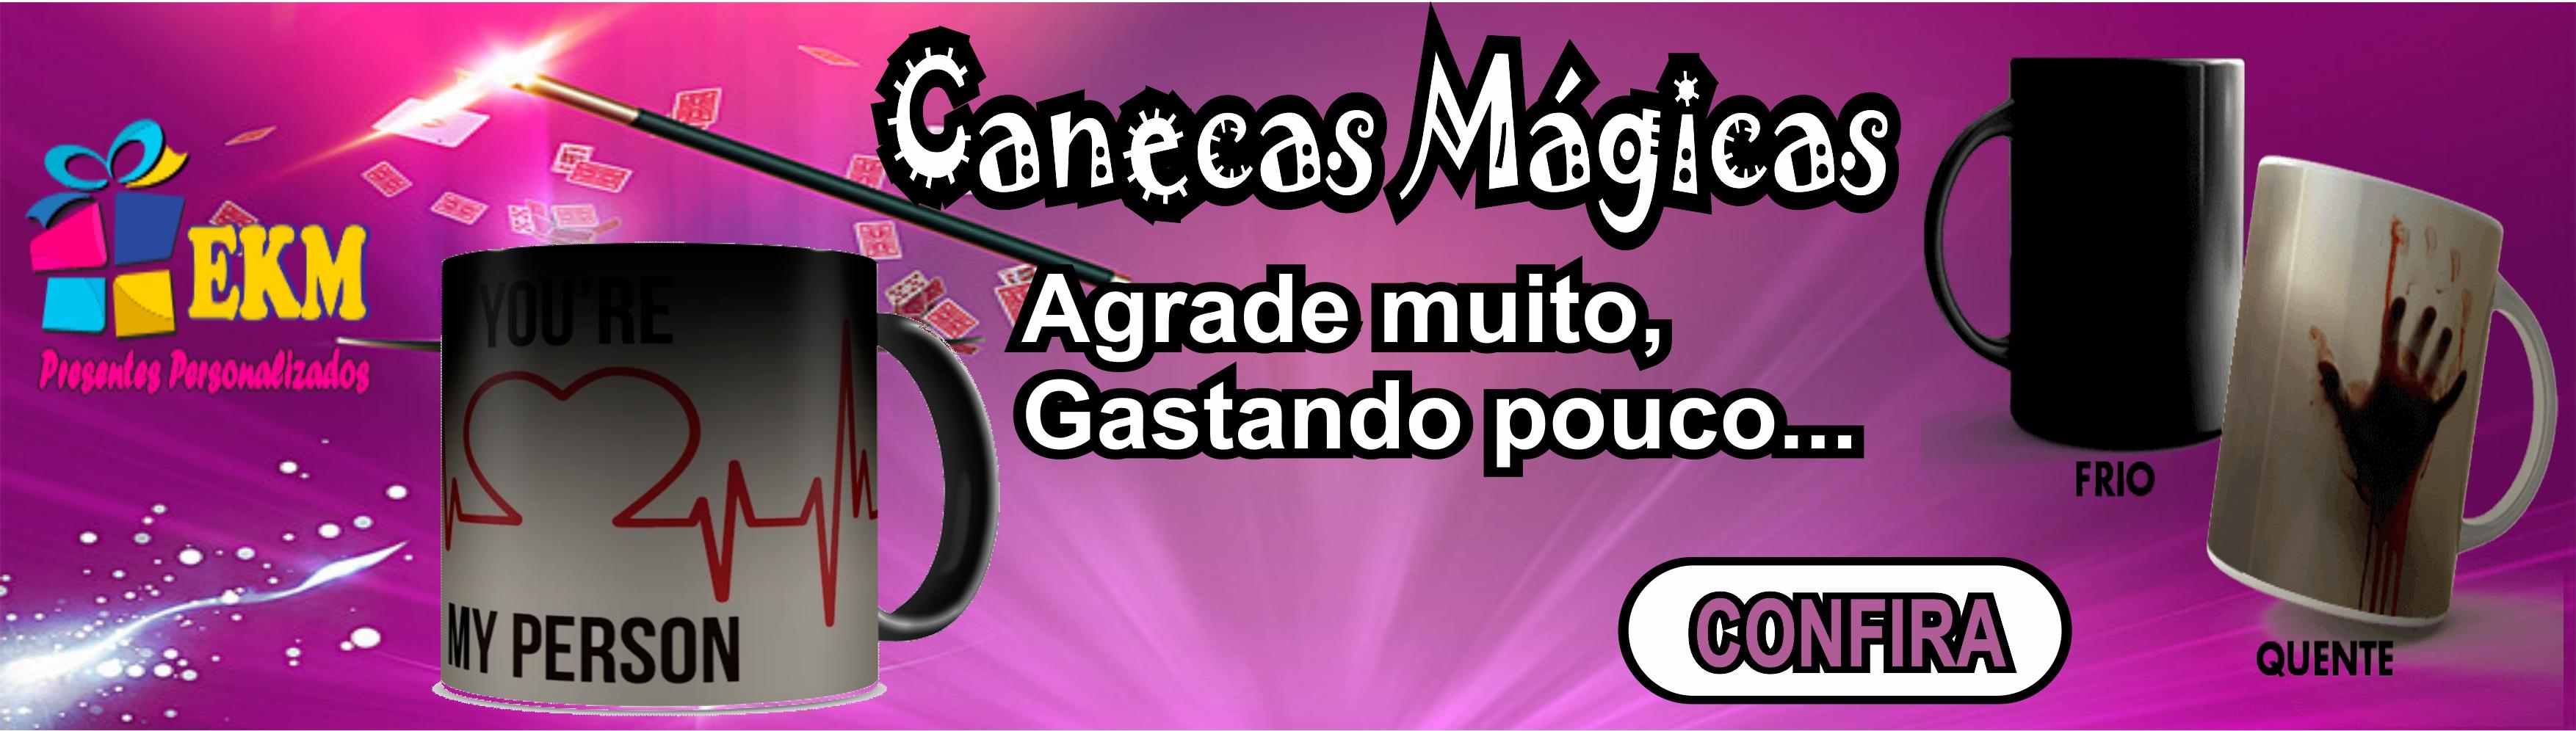 CANECA MAGICA